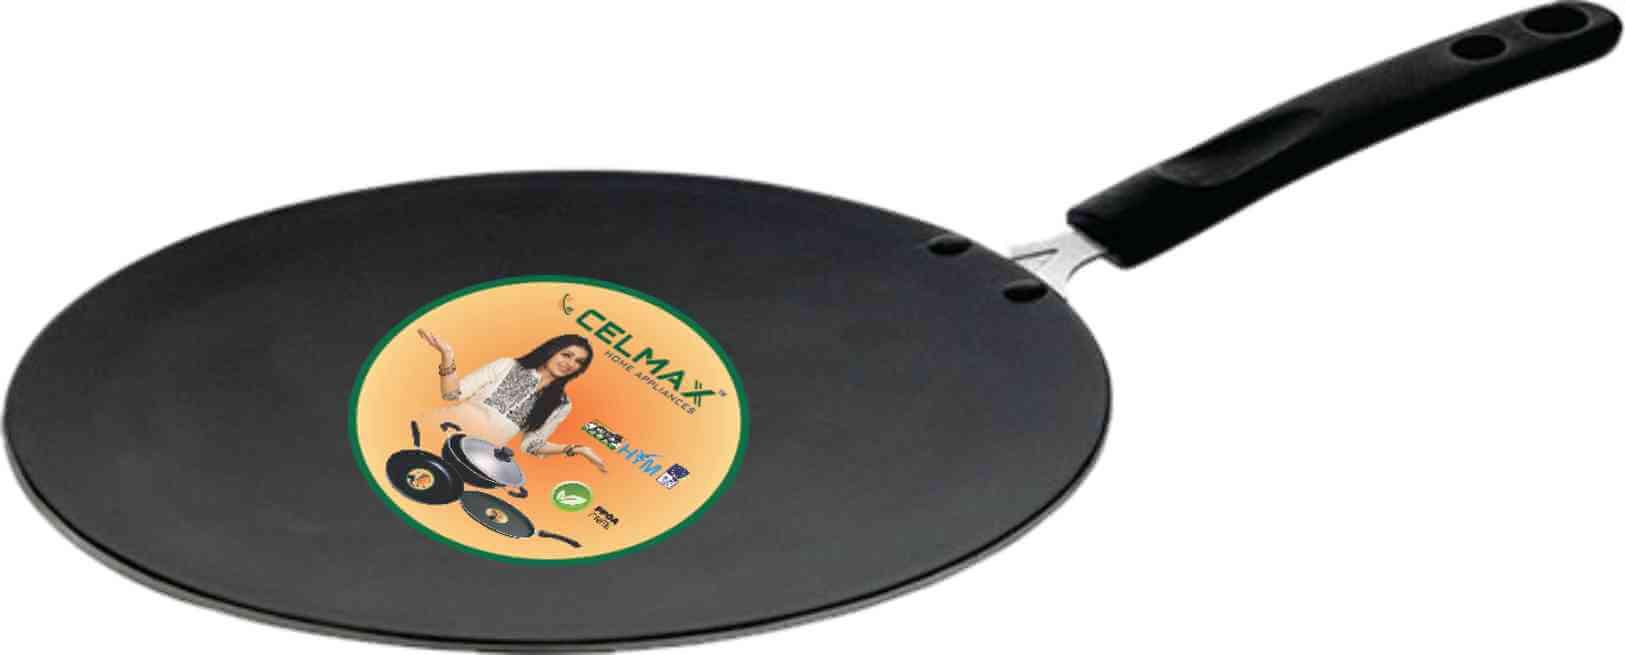 Celmax Concave Tawa 280mm